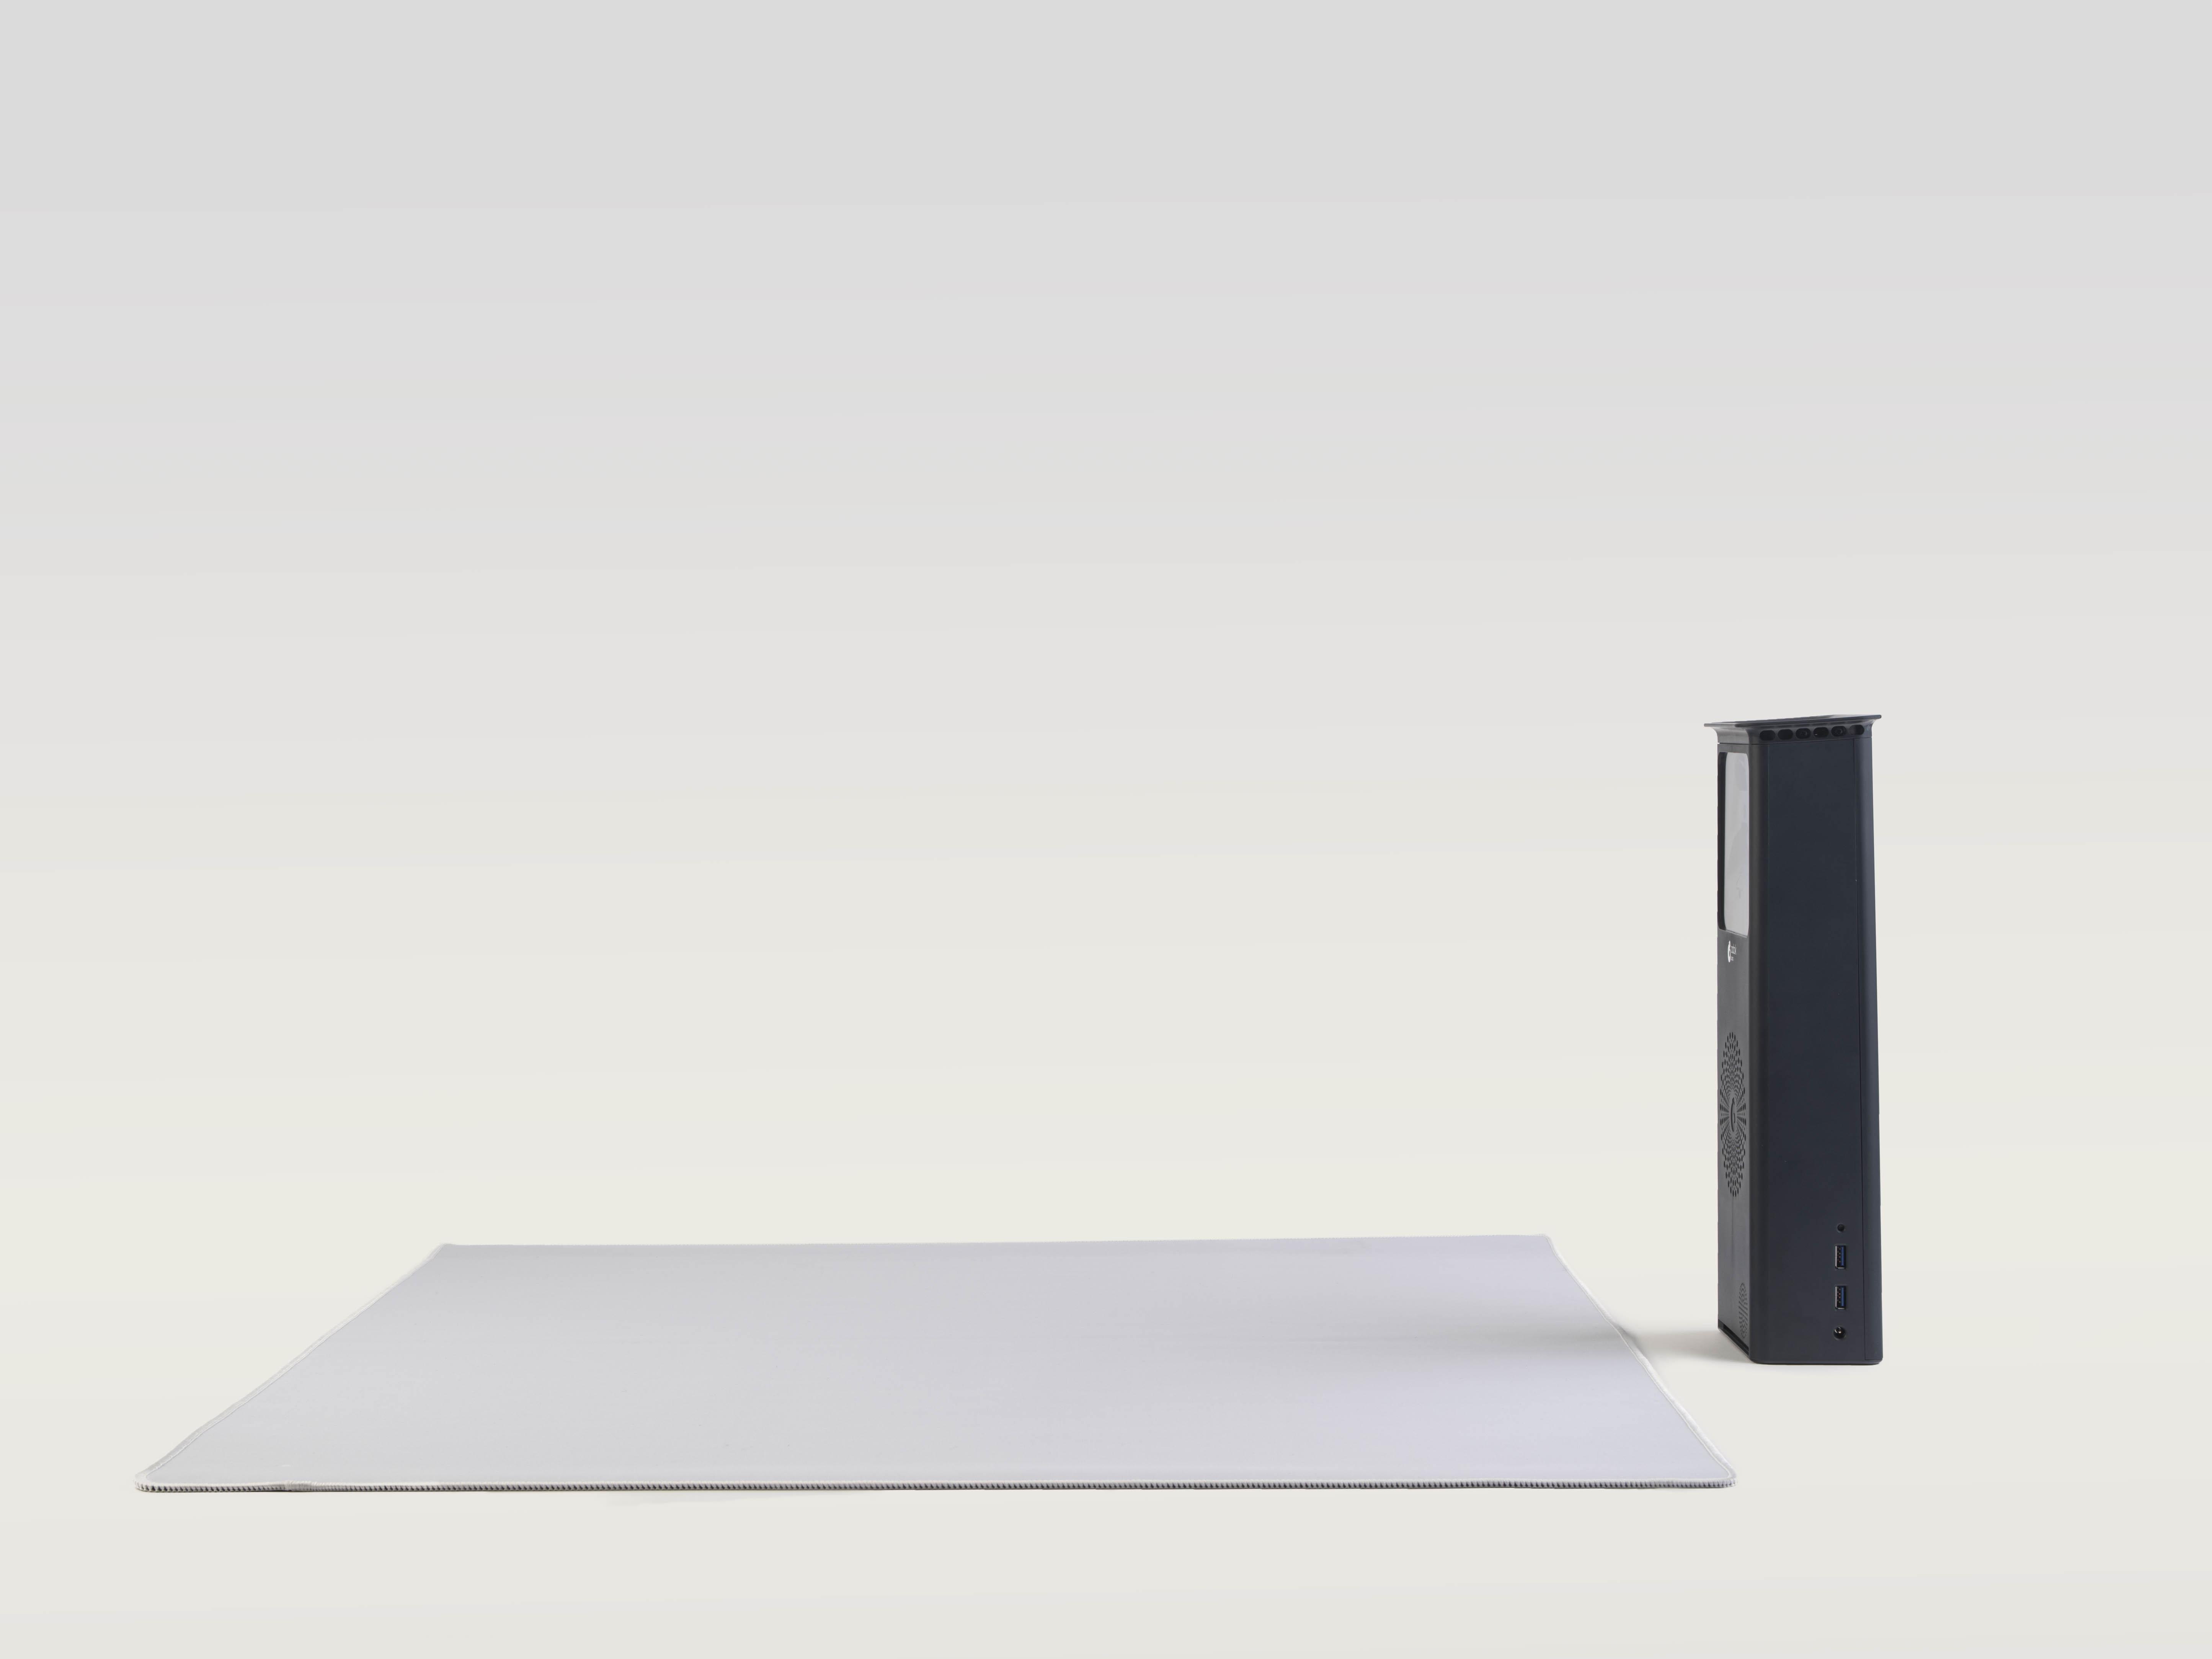 le Hub Tactile Adok et son tapis de projection